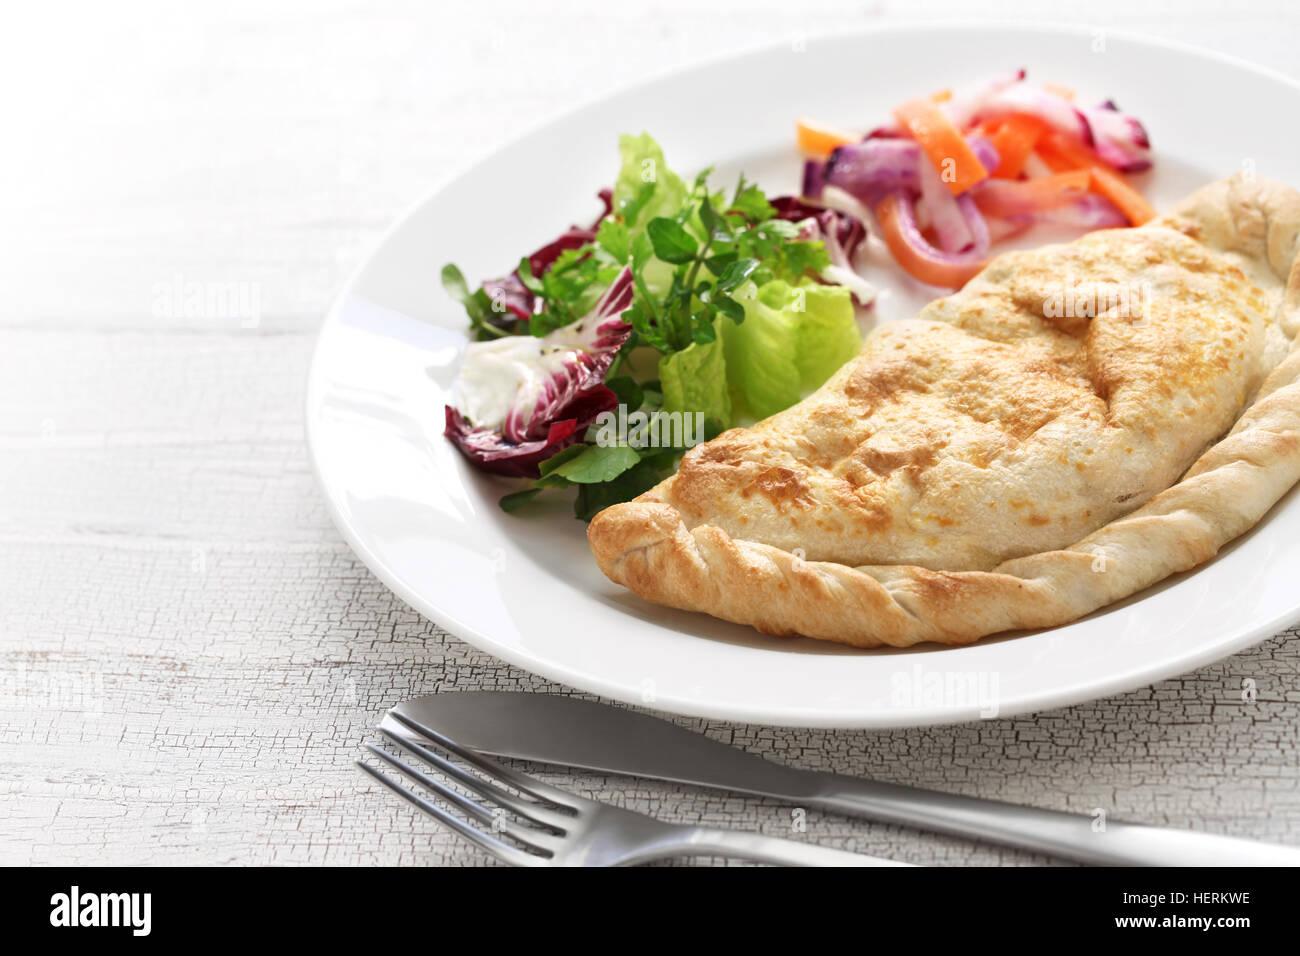 Calzone, gefalteten gefüllte Pizza, italienische Küche Stockbild